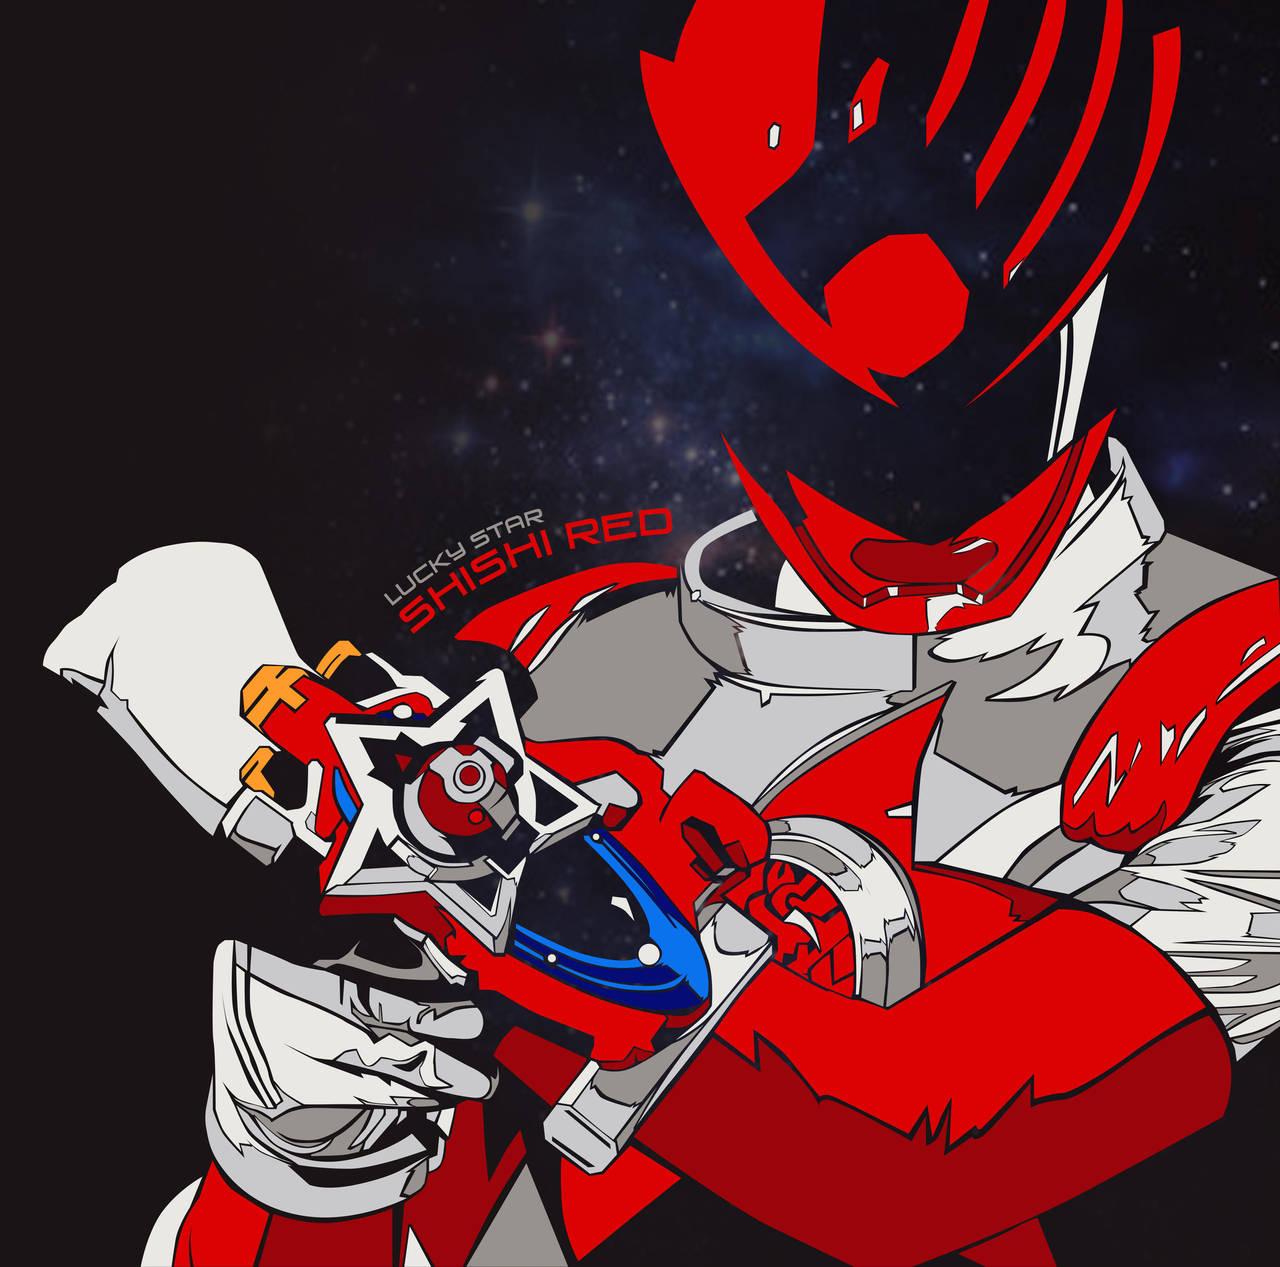 Super Sentai Favourites By SDRider0100 On DeviantArt